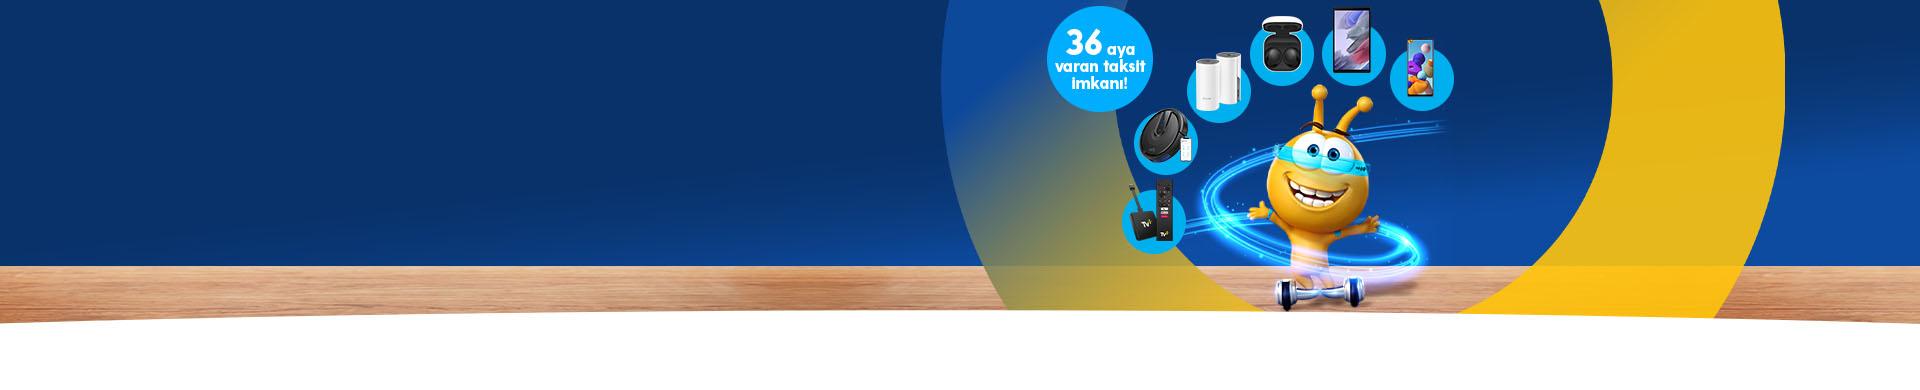 Turkcell Ev İnternetiyle hazır hızını almışken akıllı cihazını da al!